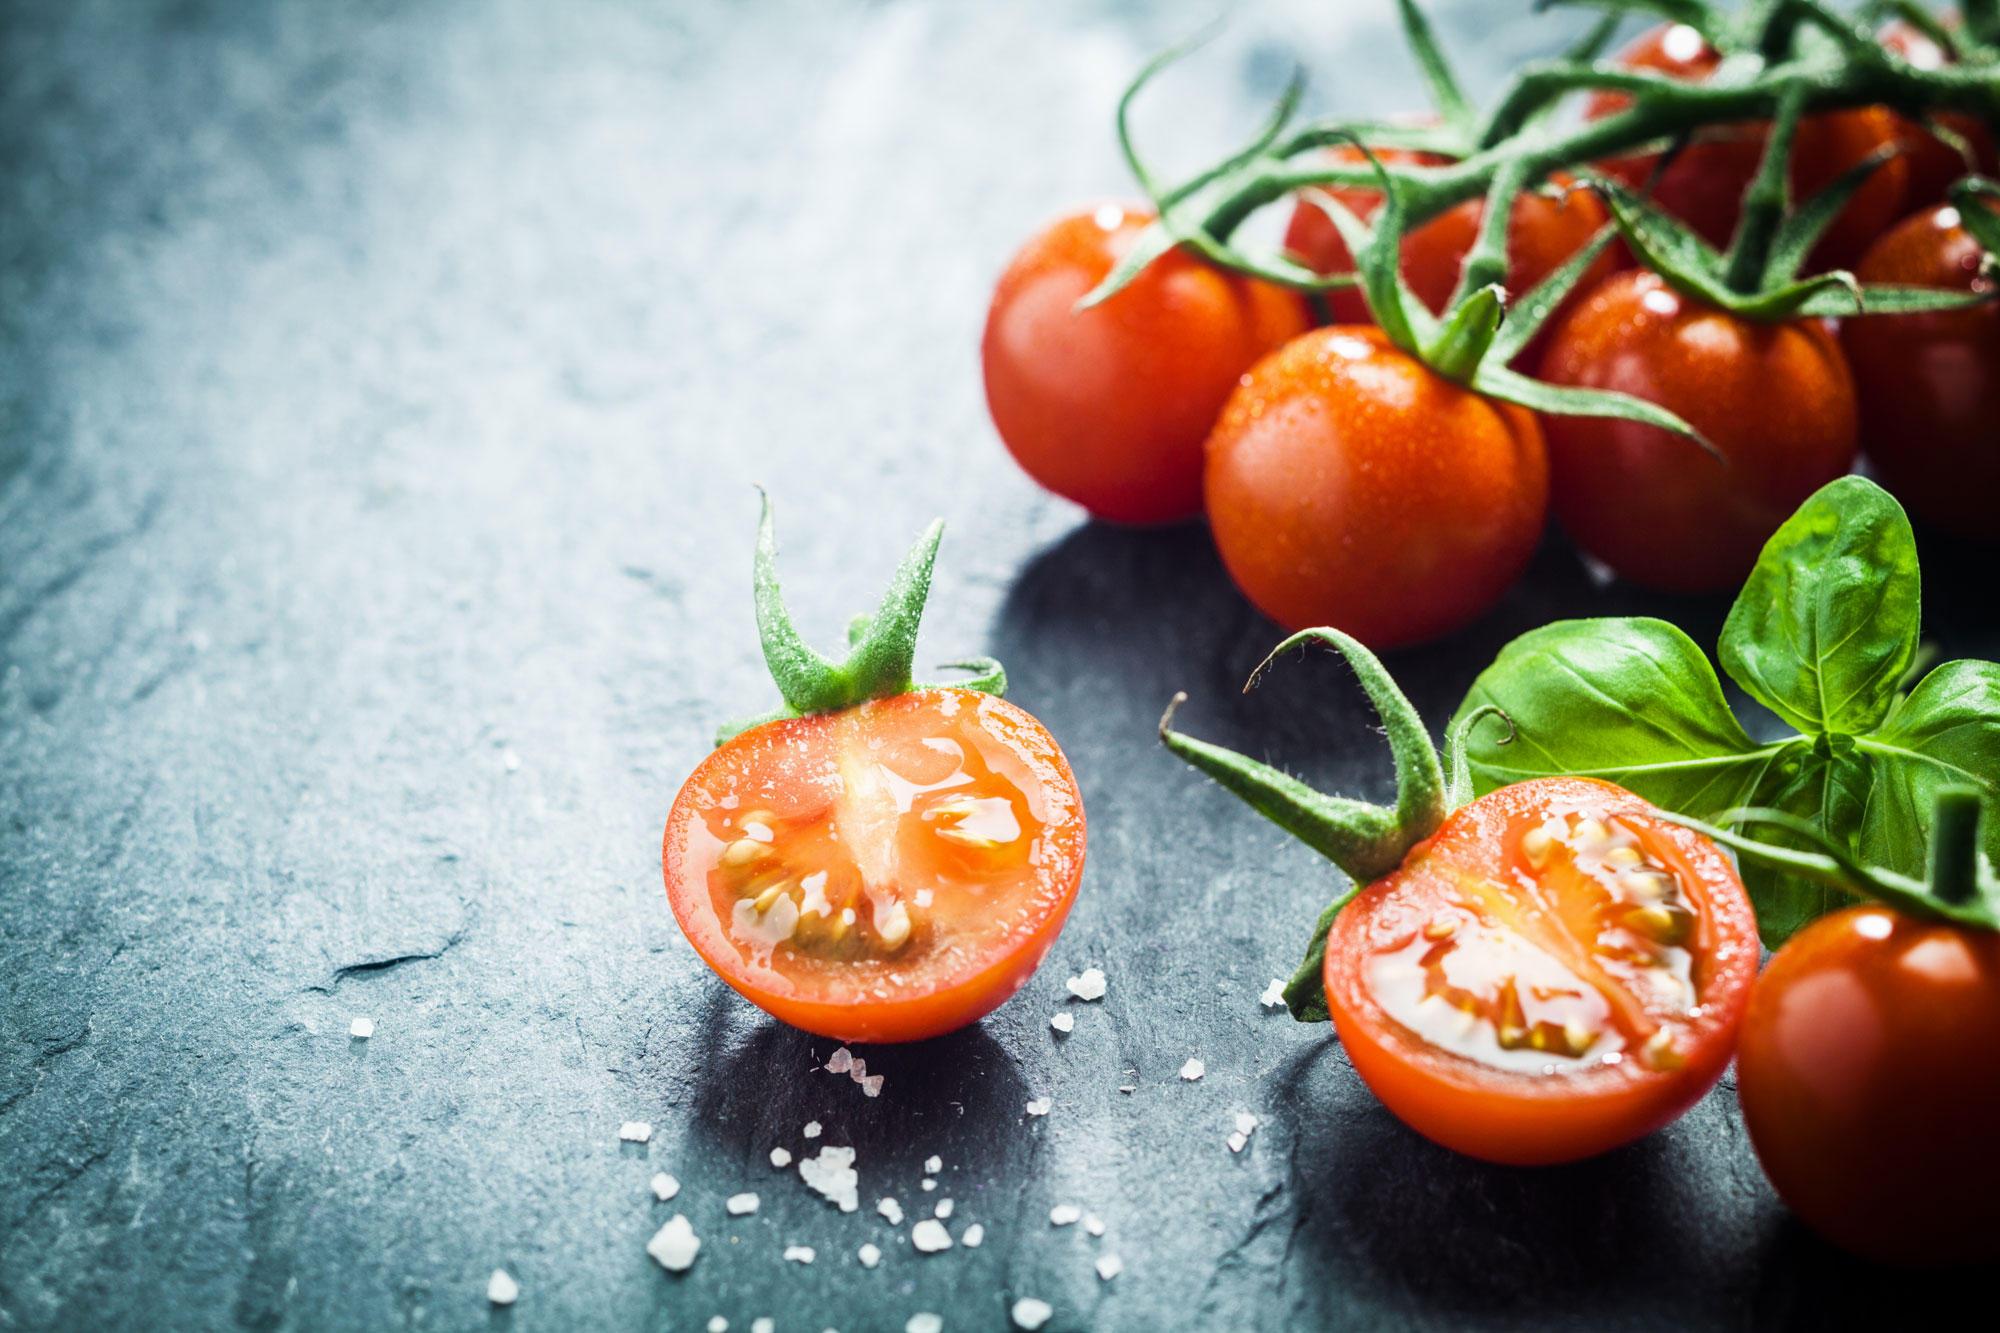 Sommerküche Tomaten : Tomaten rezepte das ist sommer pur brigitte